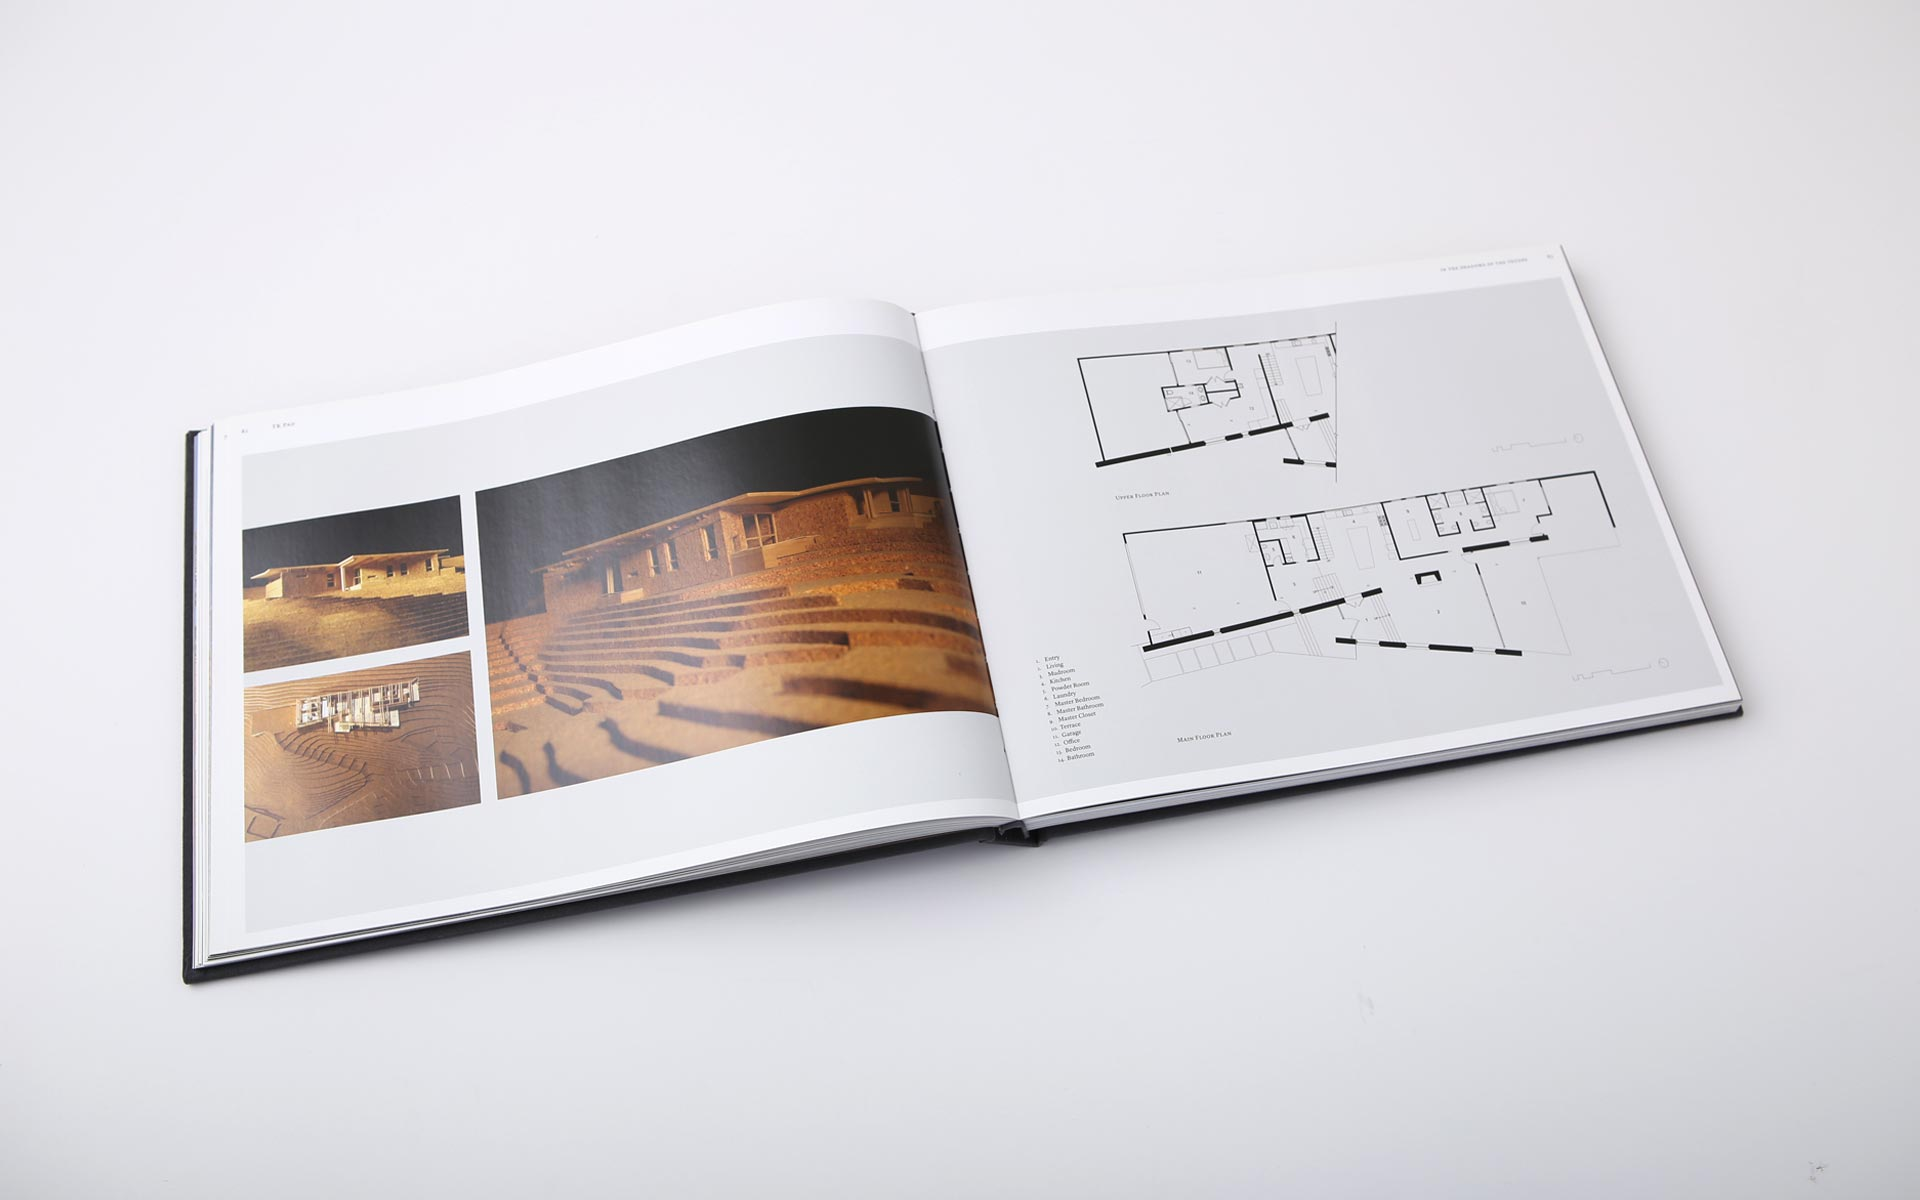 ward-blake-architects-book-design-5